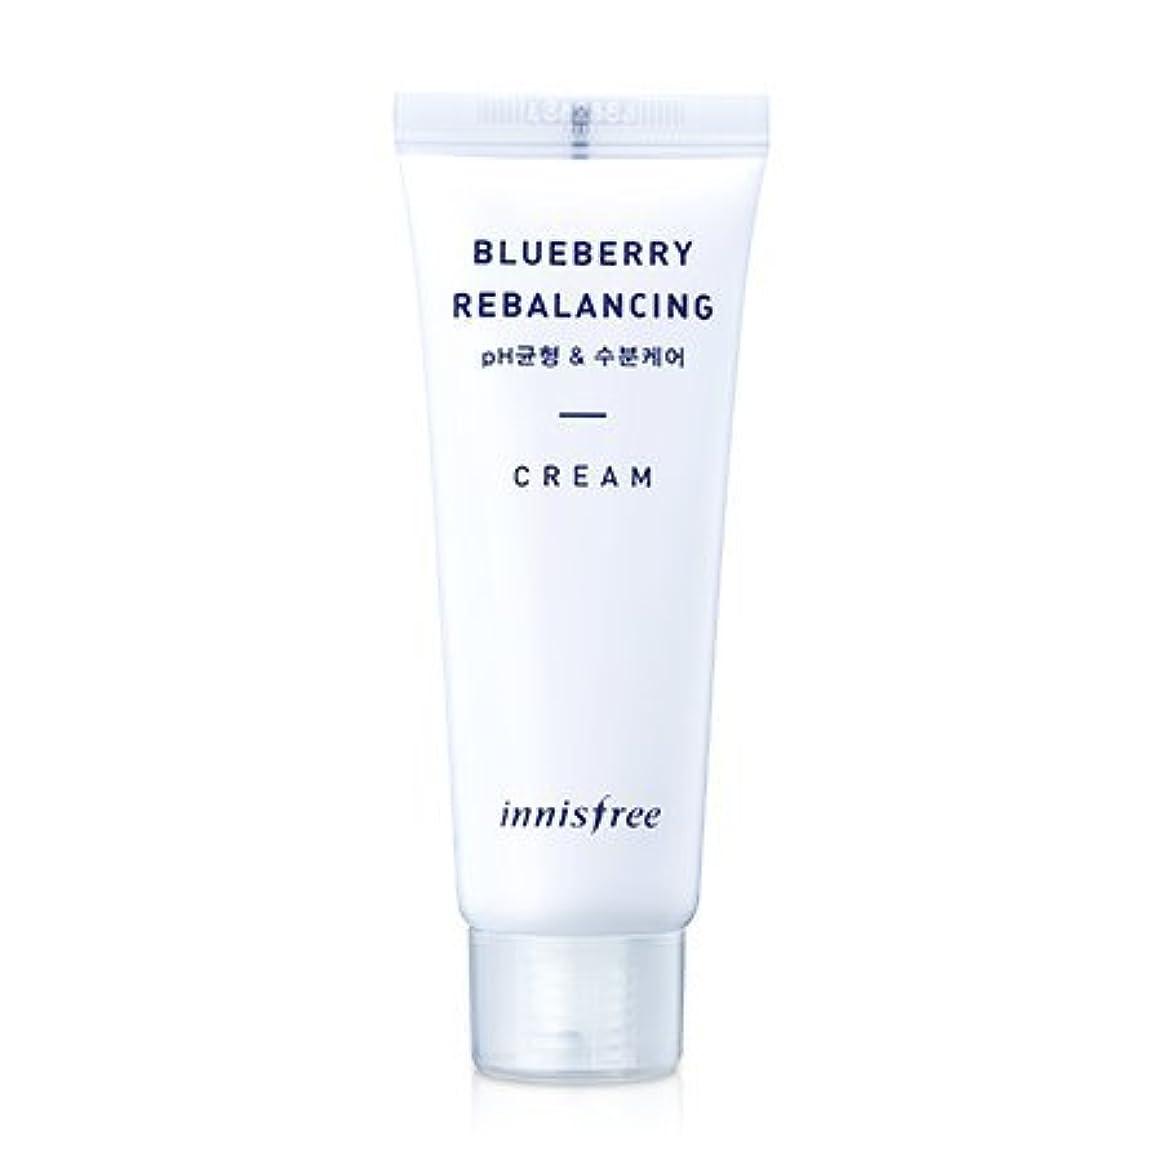 ショッキングスライス自信がある[innisfree(イニスフリー)] Super food_ Blueberry rebalancing cream (50ml) スーパーフード_ブルーベリーリベルロンシンクリーム[並行輸入品][海外直送品]